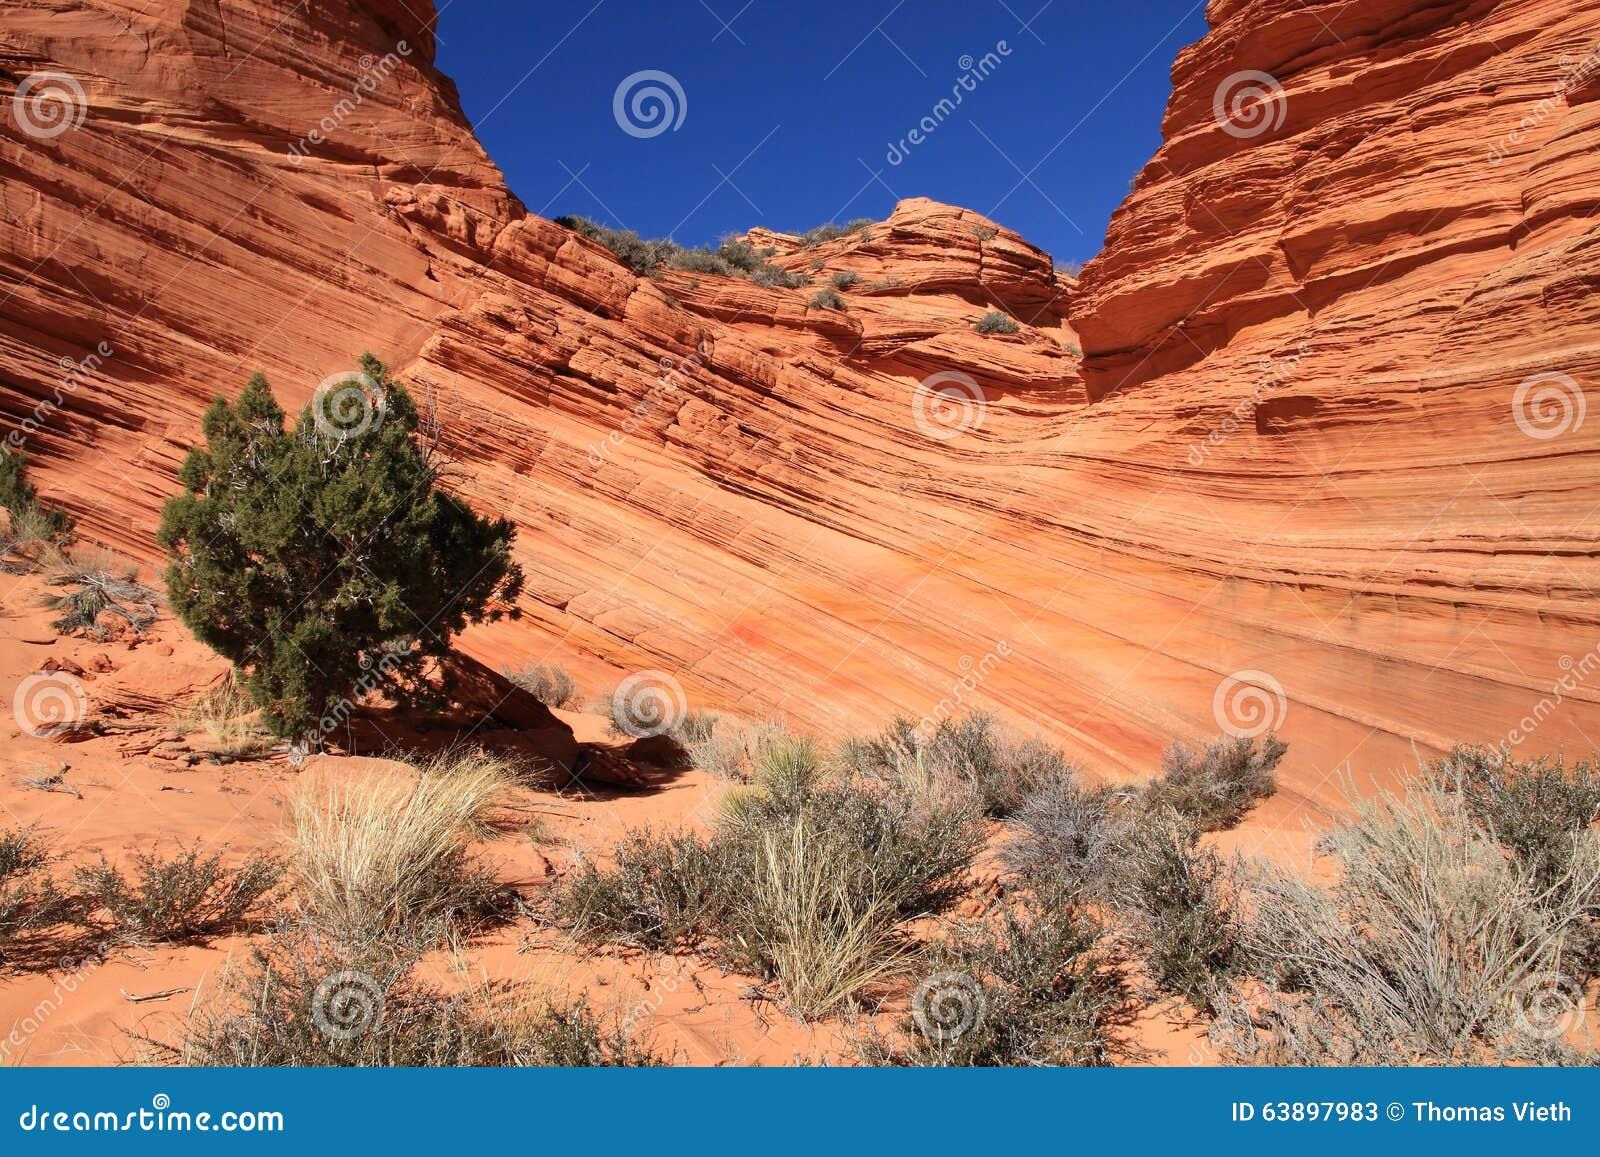 США, Аризона: Buttes койота южные - ваяемые слои песчаника